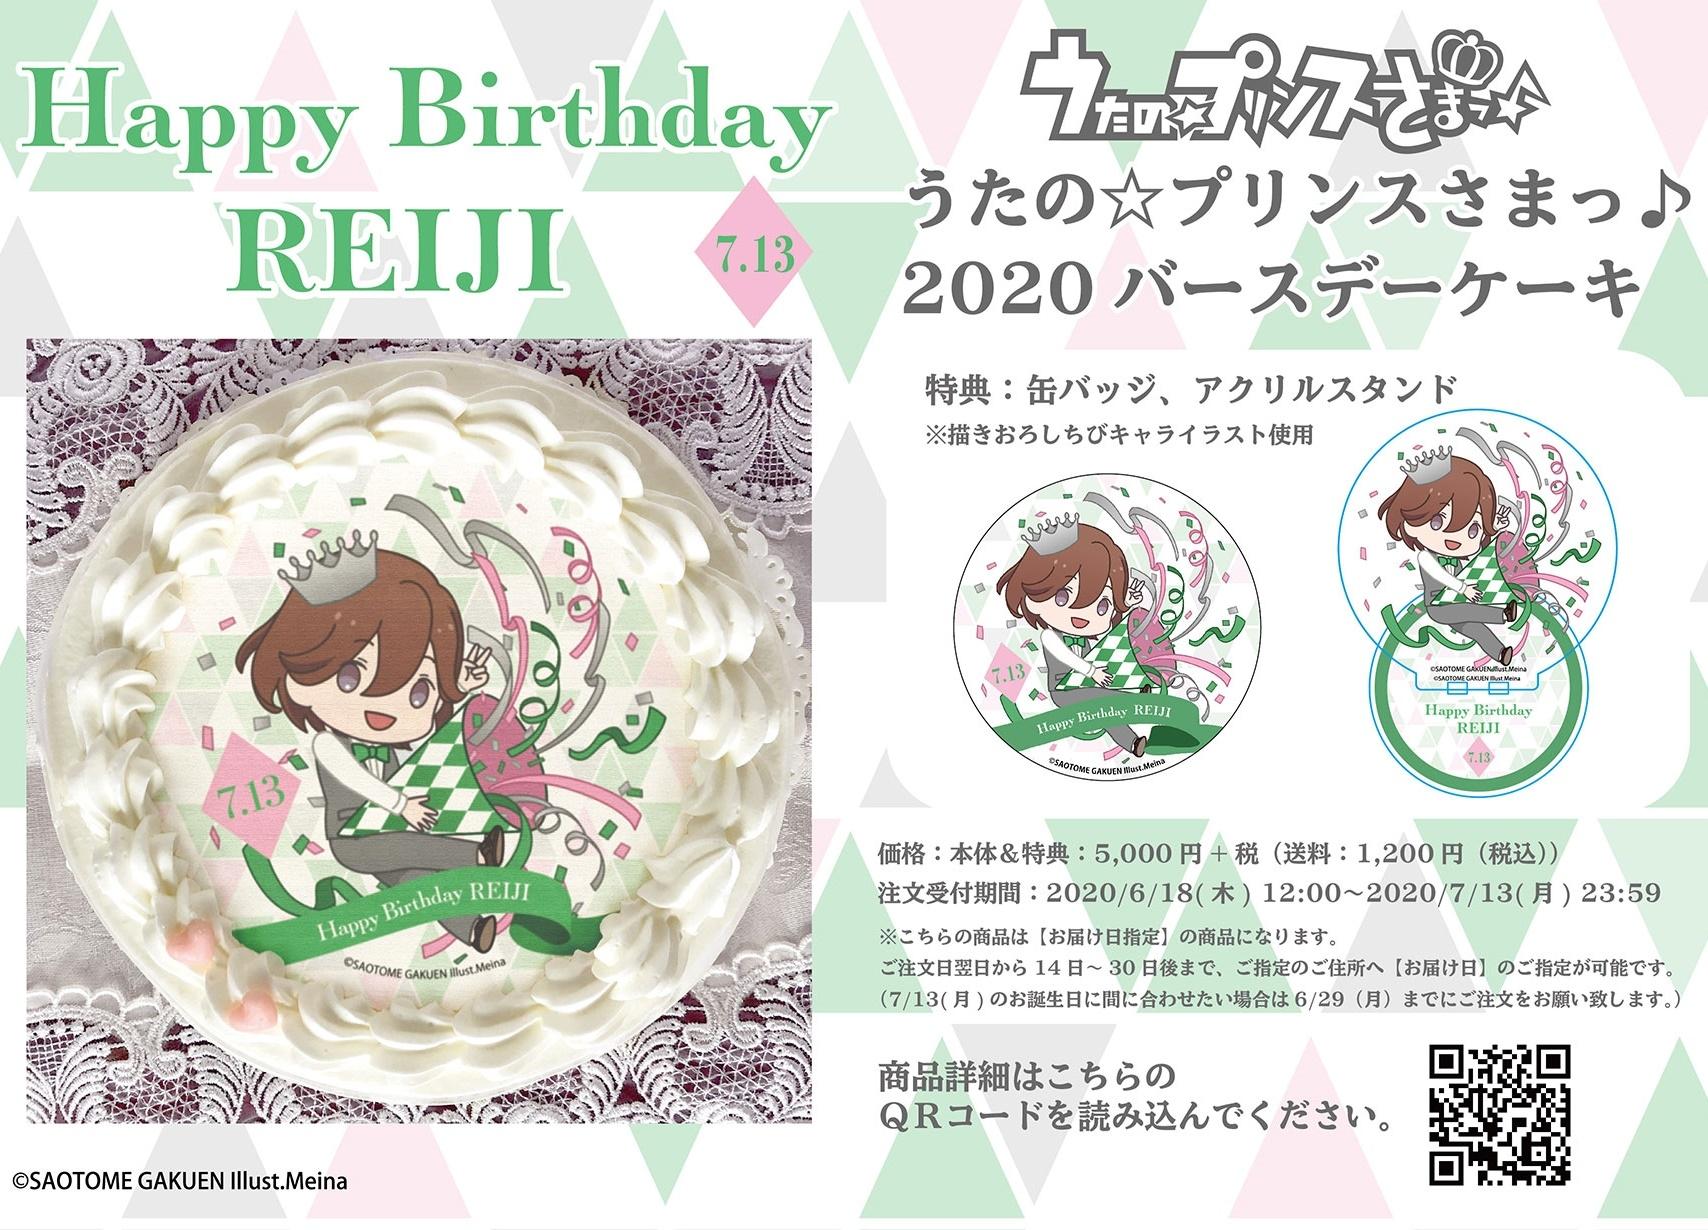 『うたプリ』寿 嶺二 バースデーケーキ2020 アニメイト通販限定販売